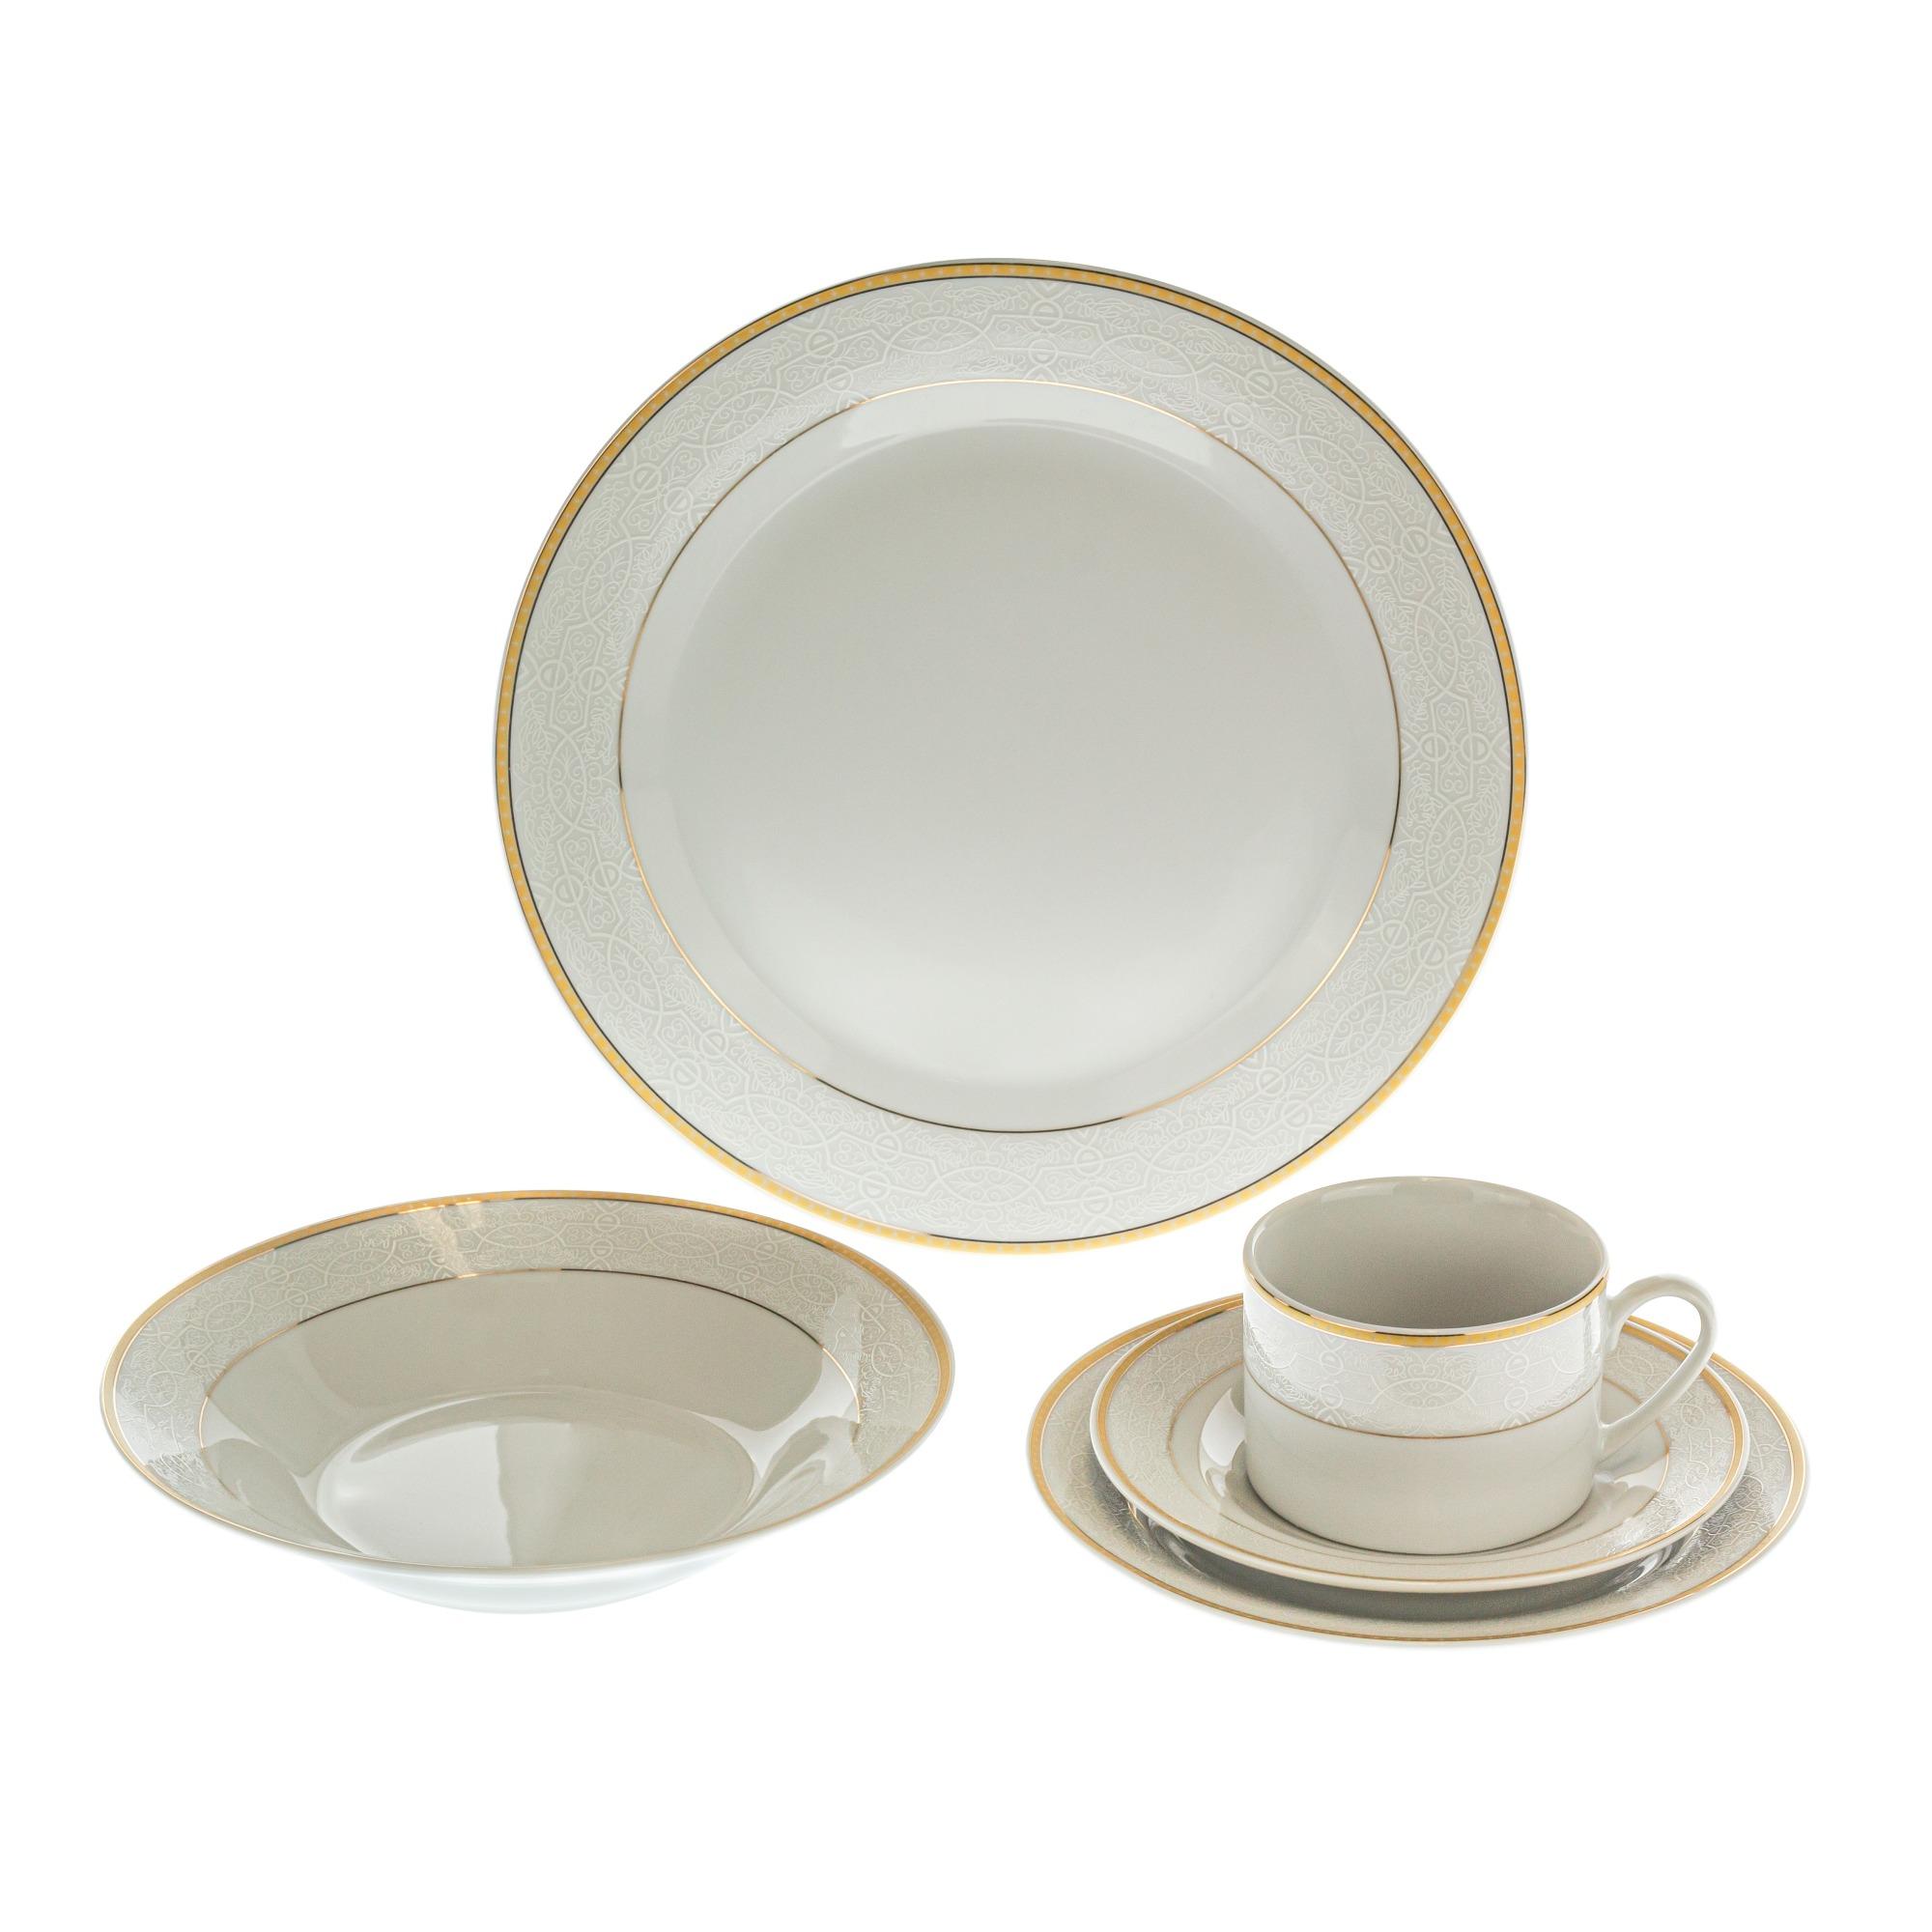 Aparelho de Jantar Tivoli de Porcelana 20 Pecas - 346163 - BianchiniCaixa de 6 jg